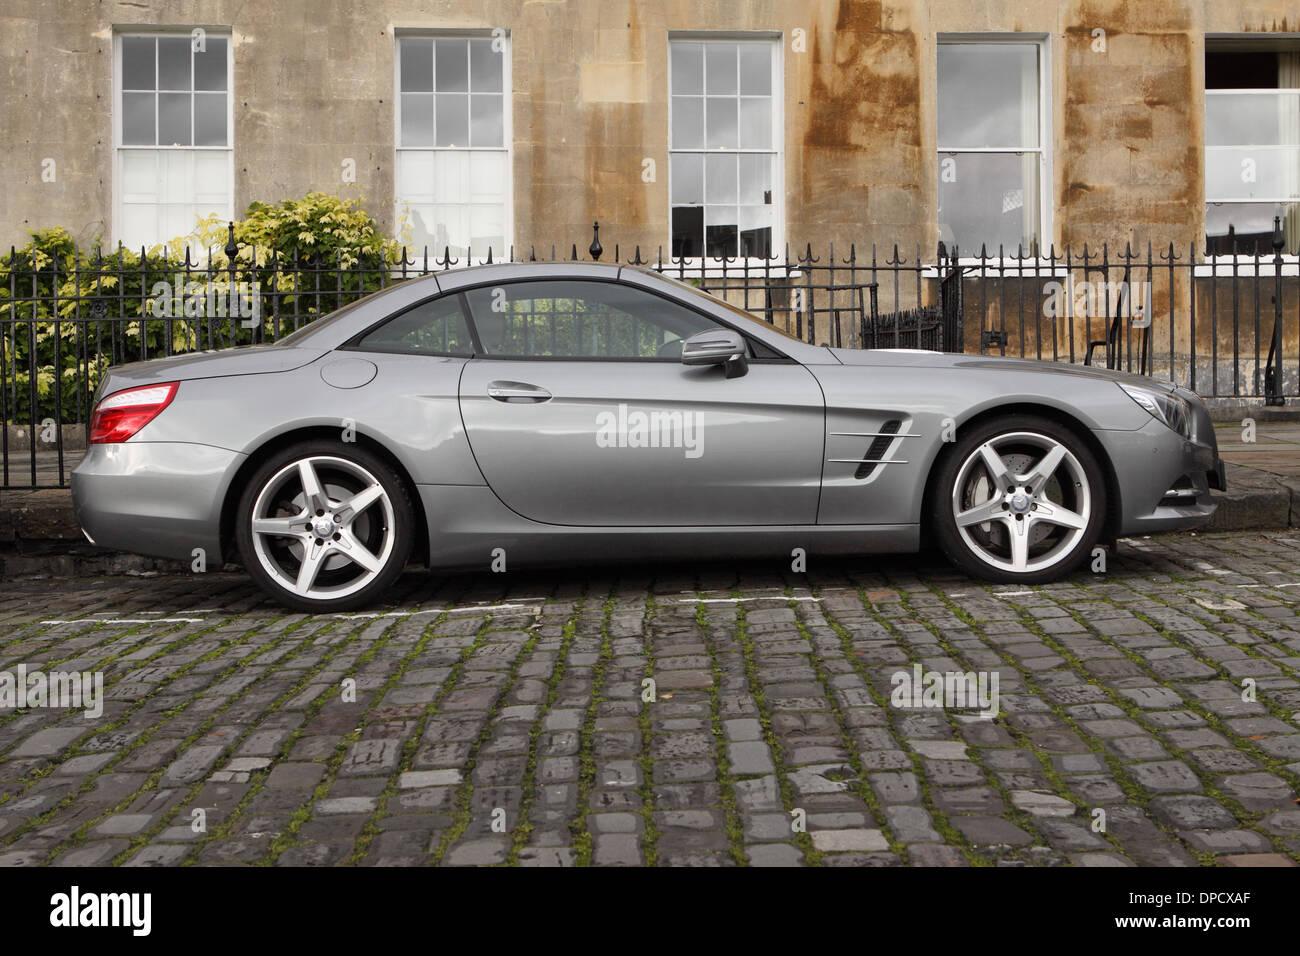 Mercedes Sl Grand Tourer 2 Door Sports Car Parked In Royal Crescent